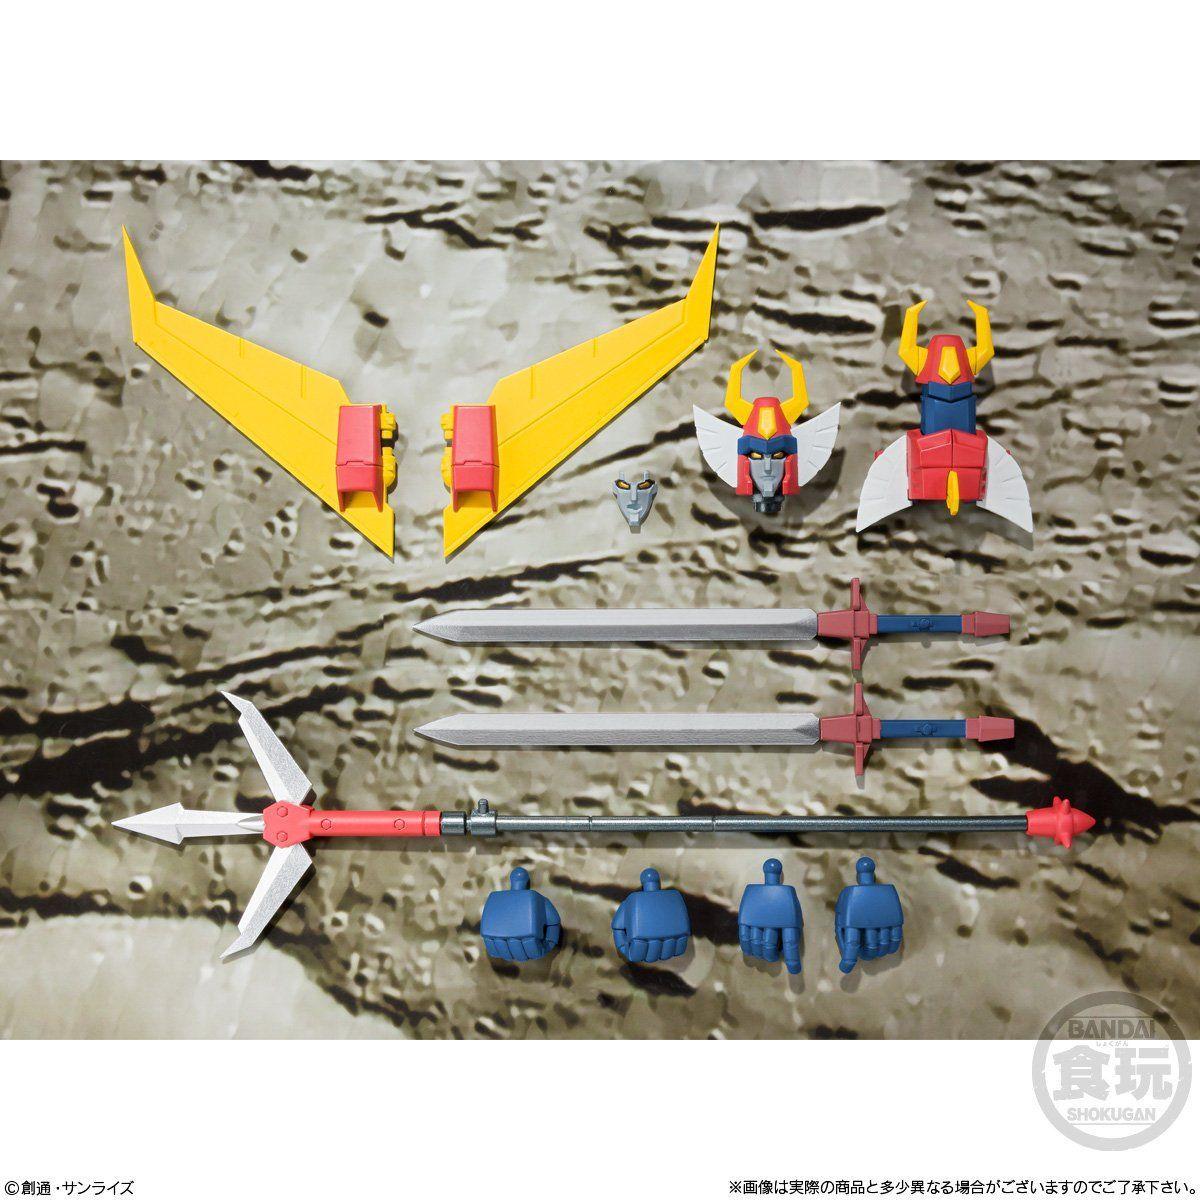 【食玩】スーパーミニプラ『無敵ロボ トライダーG7』3個入りBOX-007